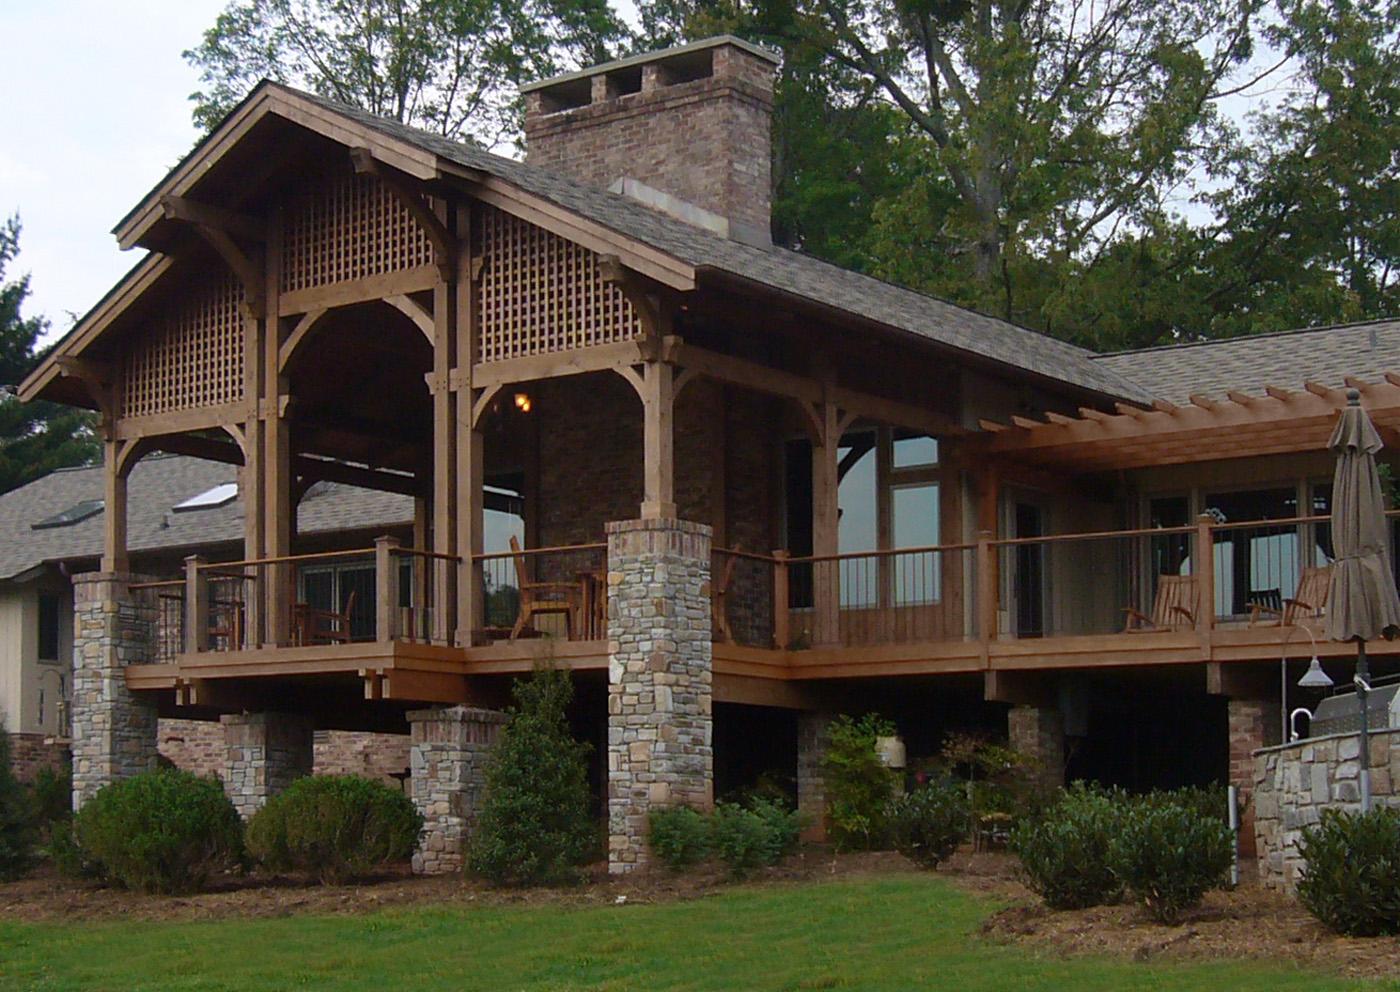 An Outdoor Porch Provides Shade